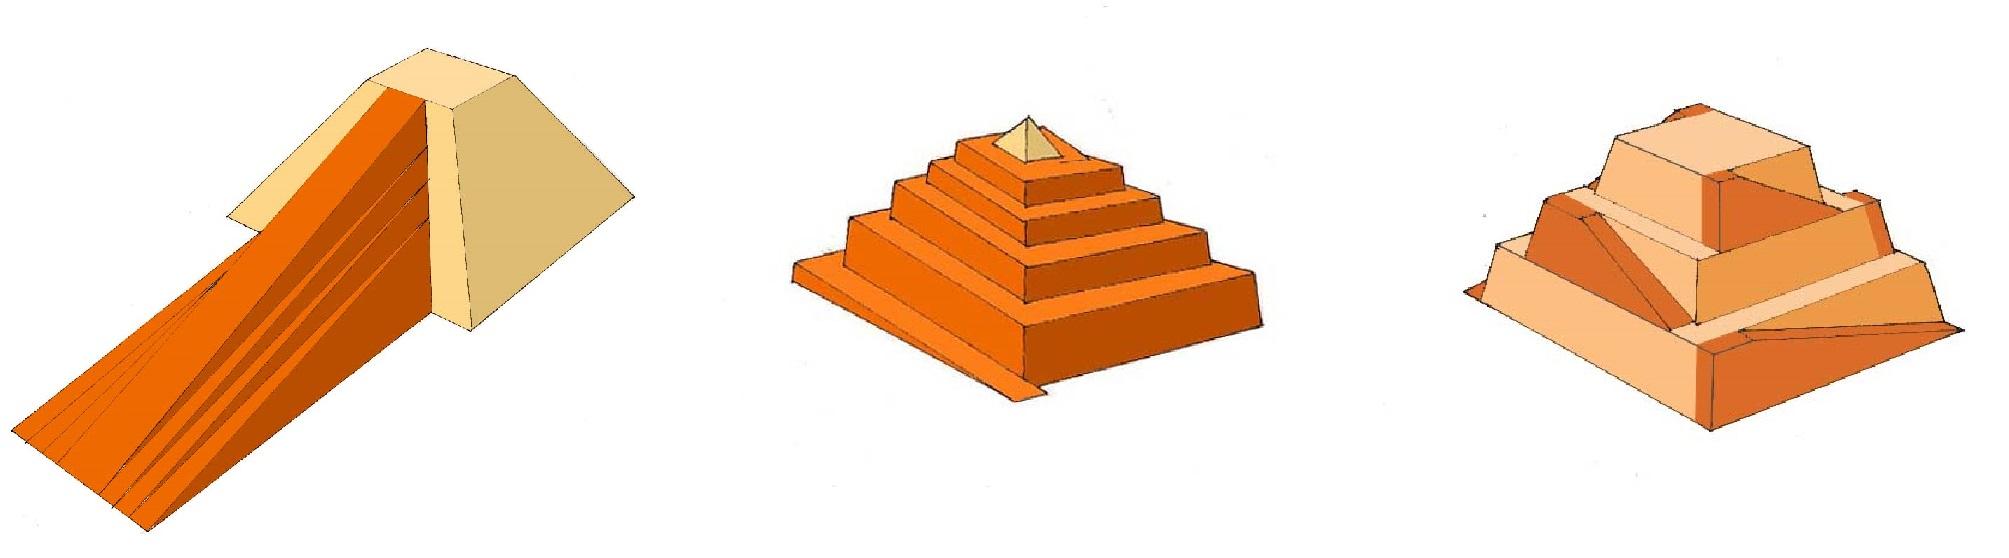 Dessin sur comment ont été construites les pyramides d'Egypte